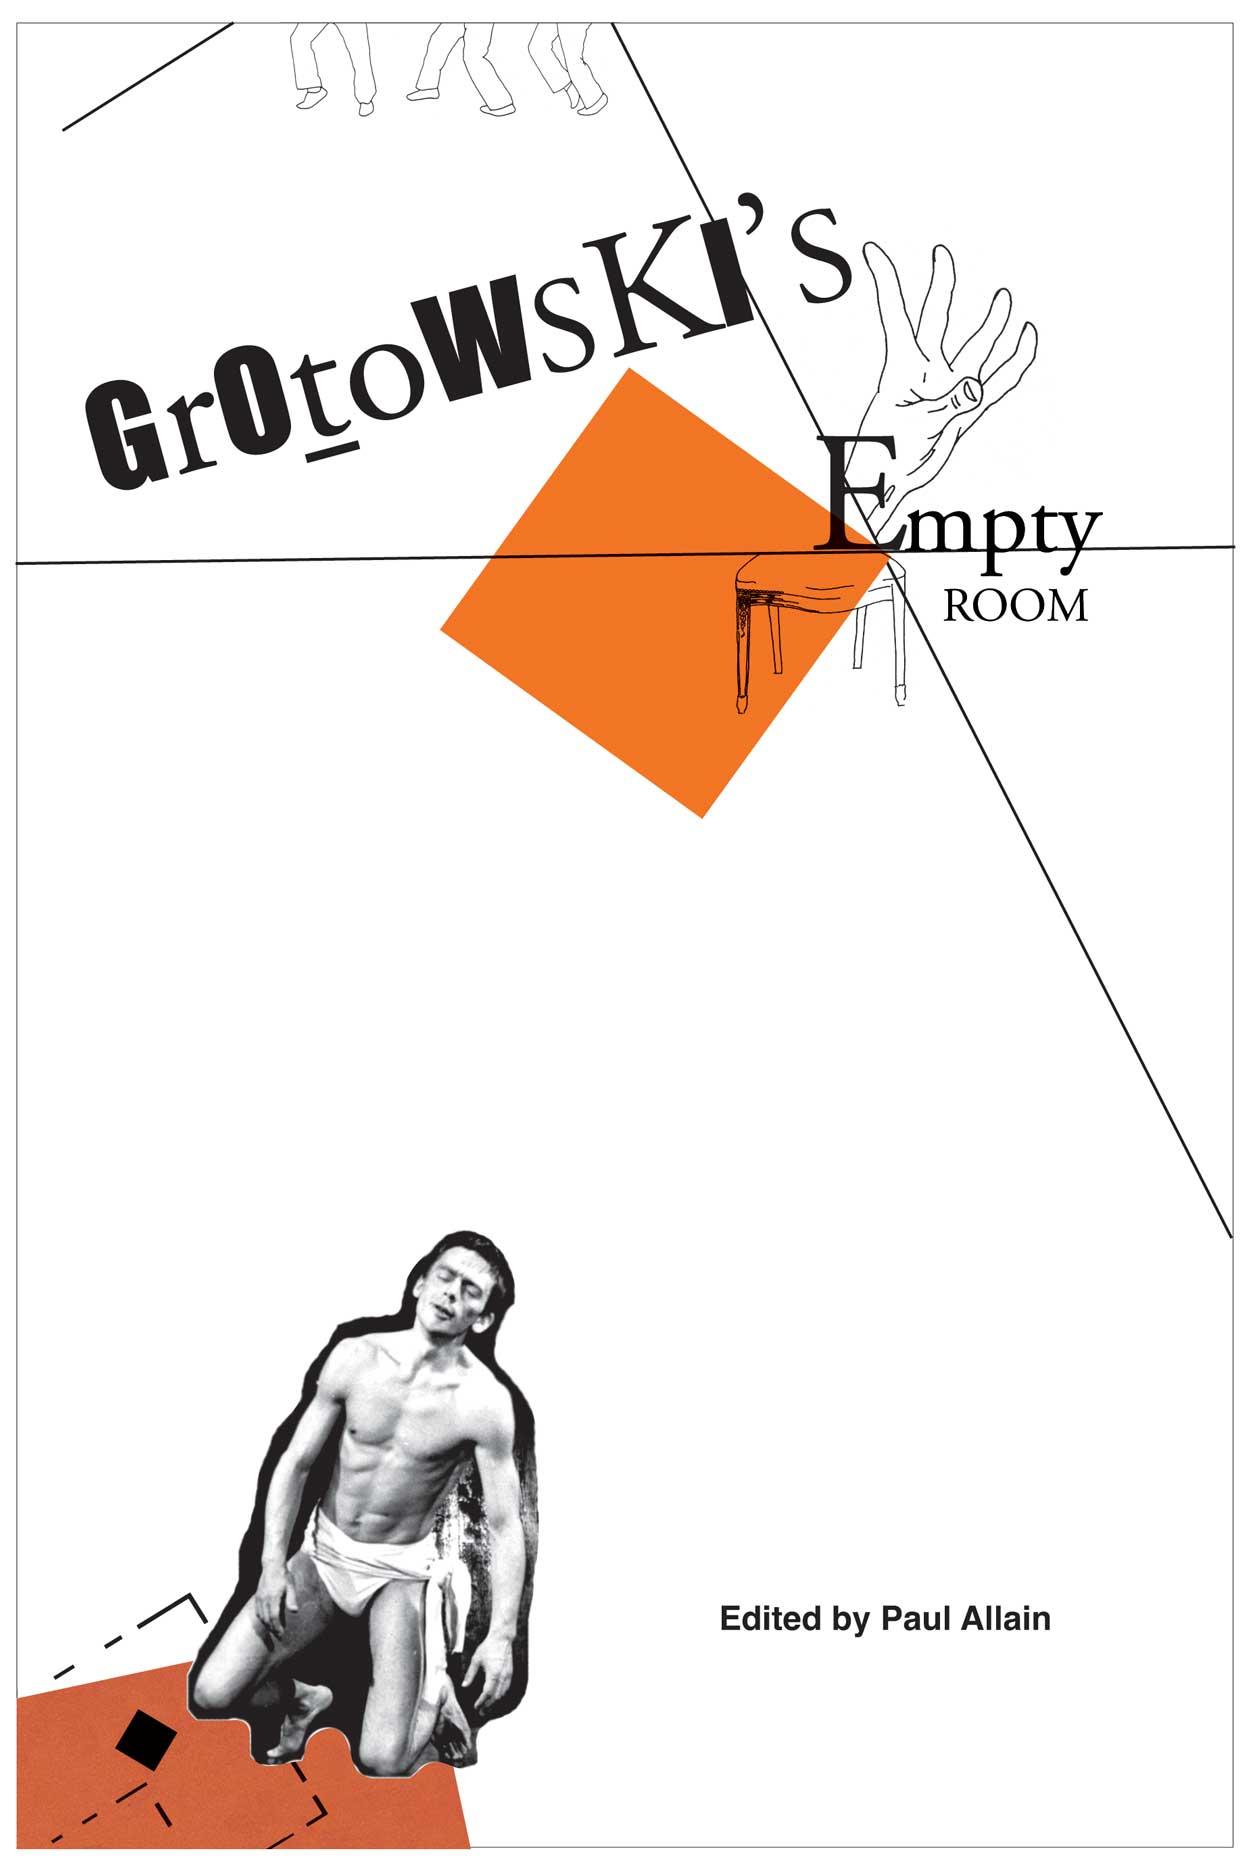 Grotowski's Empty Room. Edited by Paul Allain |  Seagull Books